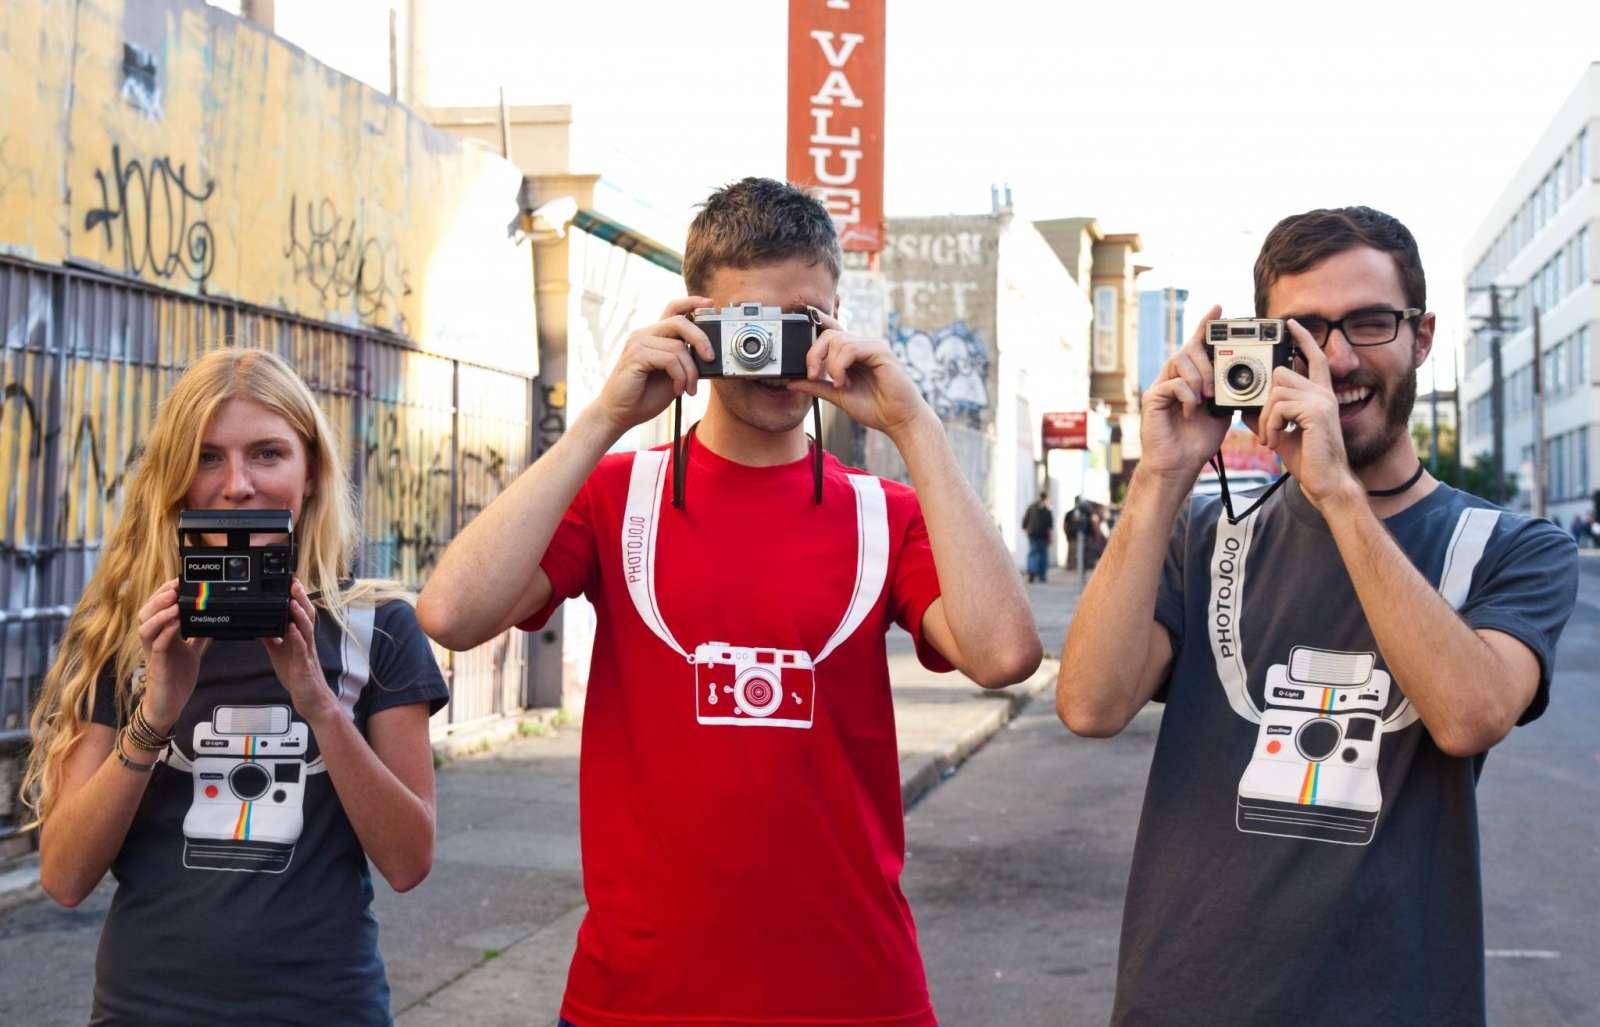 Regalos para fotógrafos esta Navidad 2012 9